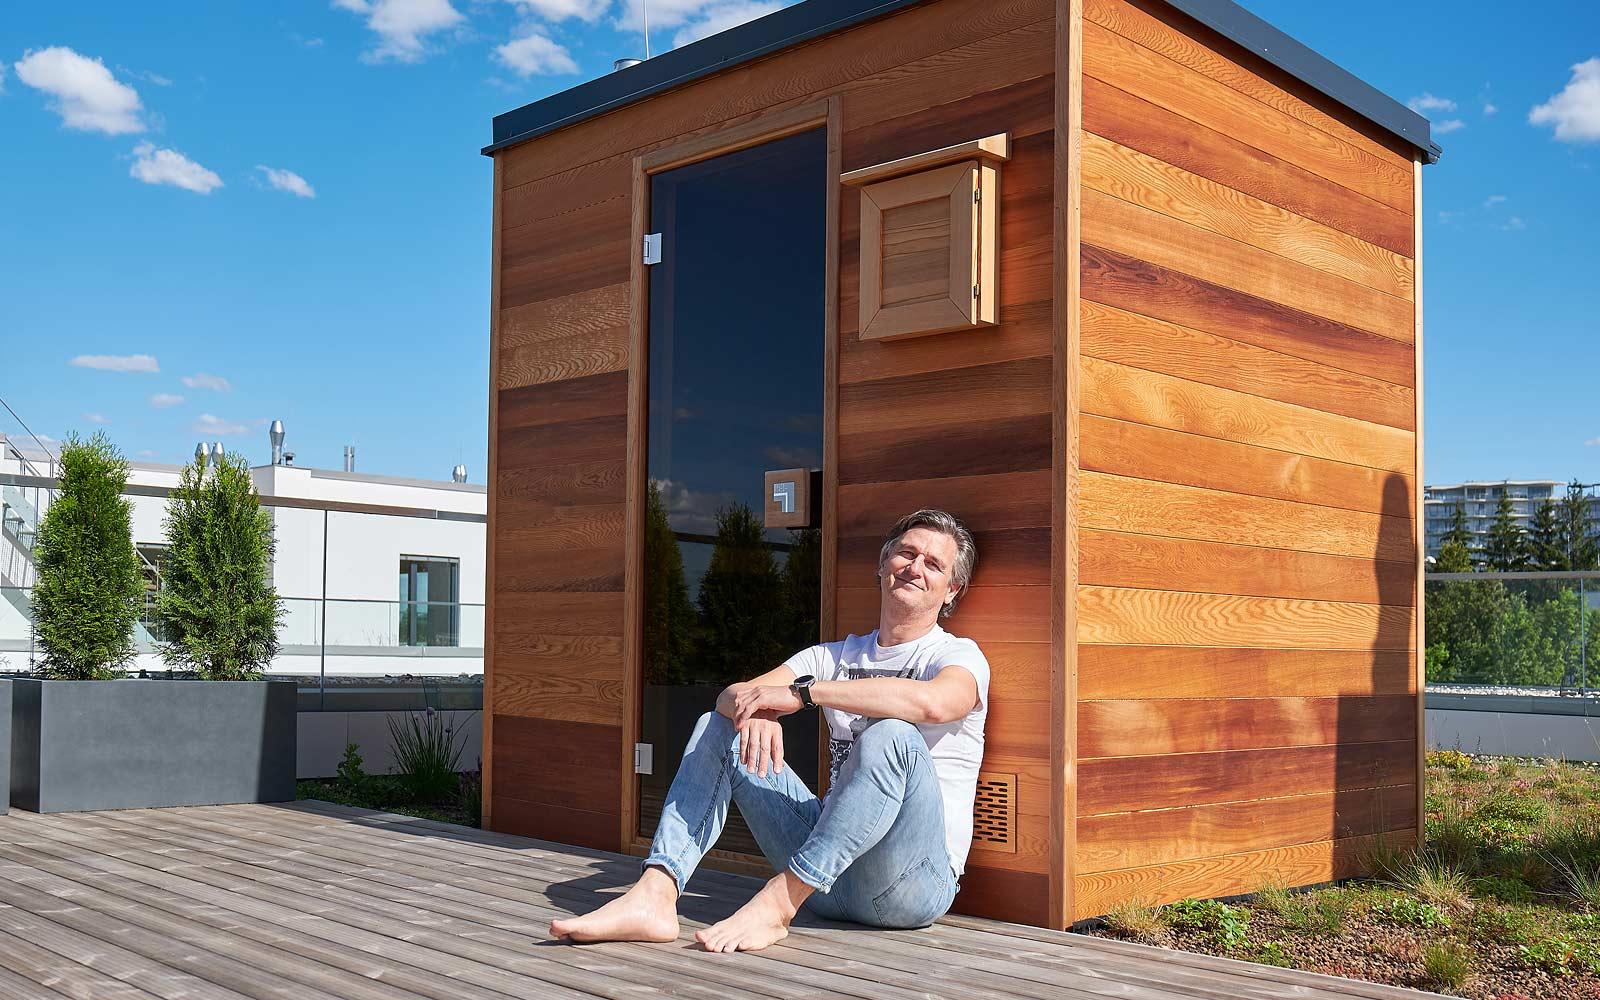 Užívejte si domácí saunování i s krásným výhledem